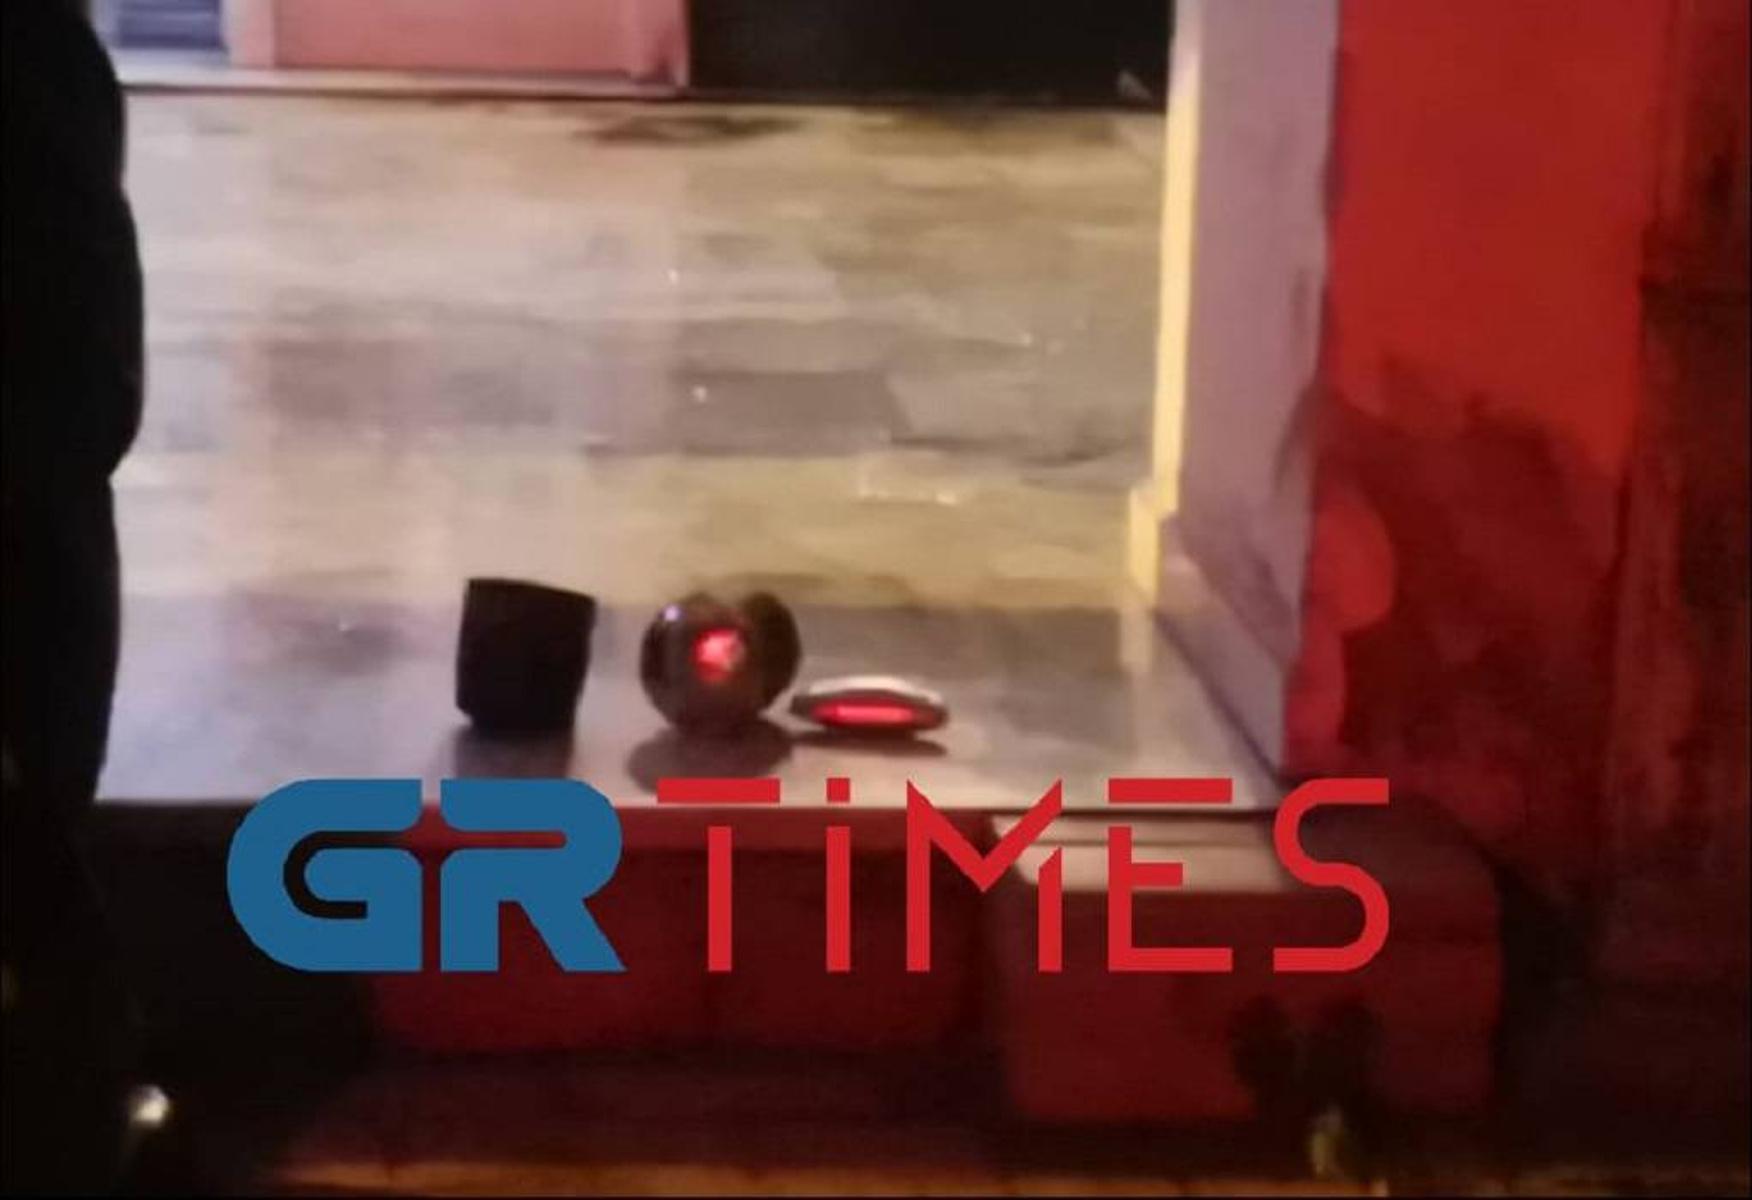 Θεσσαλονίκη: Γκαζάκια εξερράγησαν σε είσοδο πολυκατοικίας στην Τριανδρία